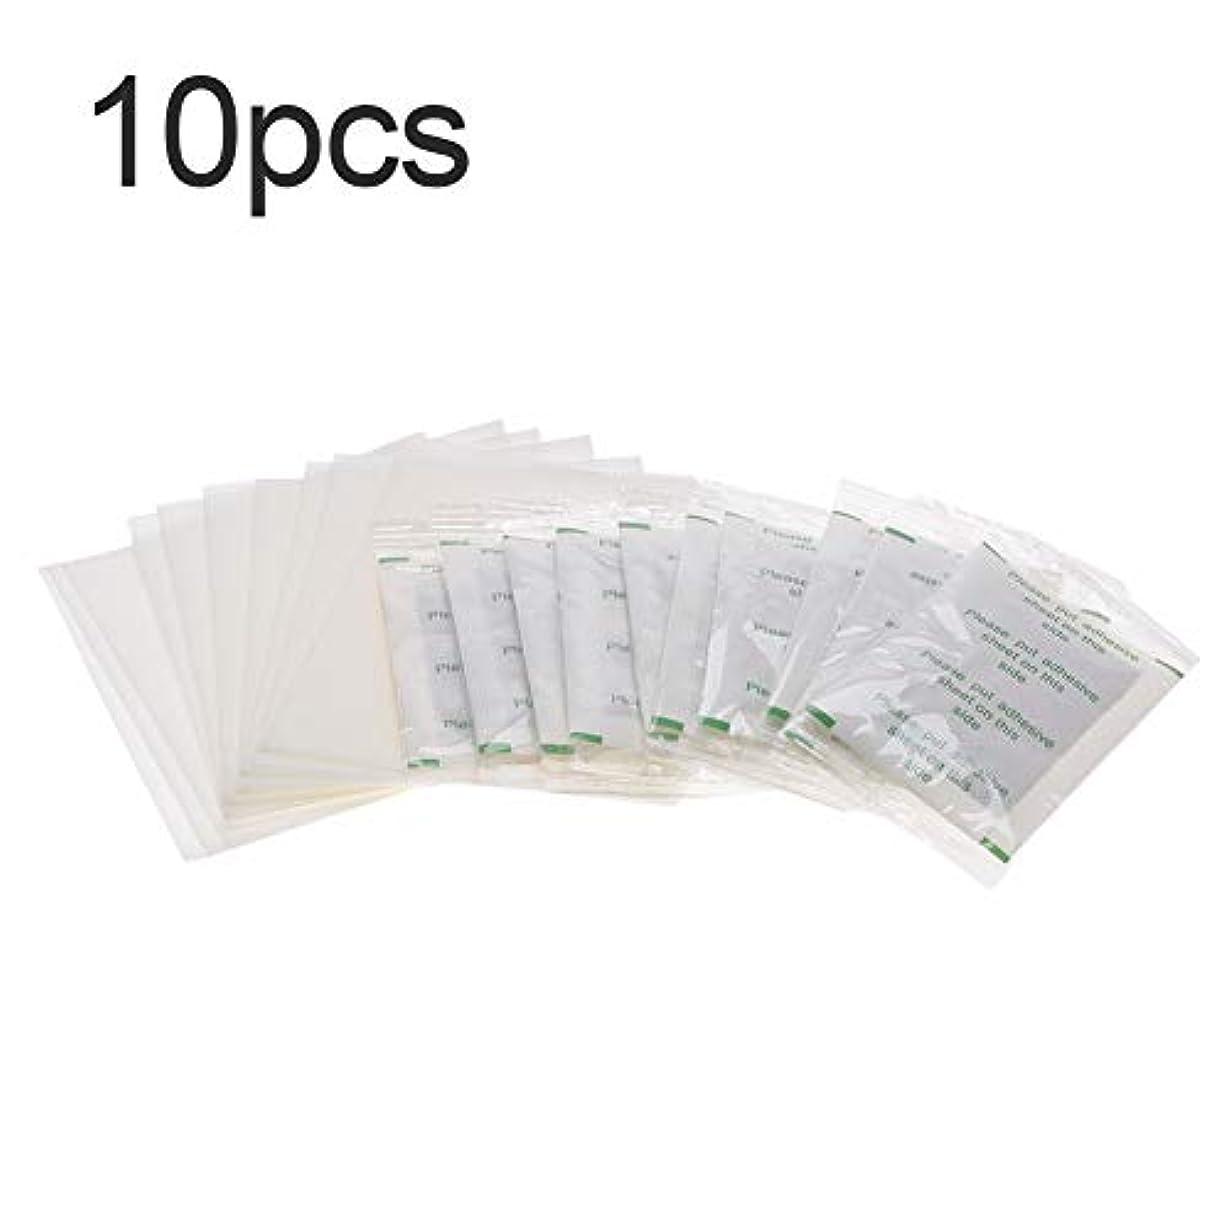 ファームソケットパワーセルフットパッド、Wormwood Foot Patch Premium(フットケア用)(10個)